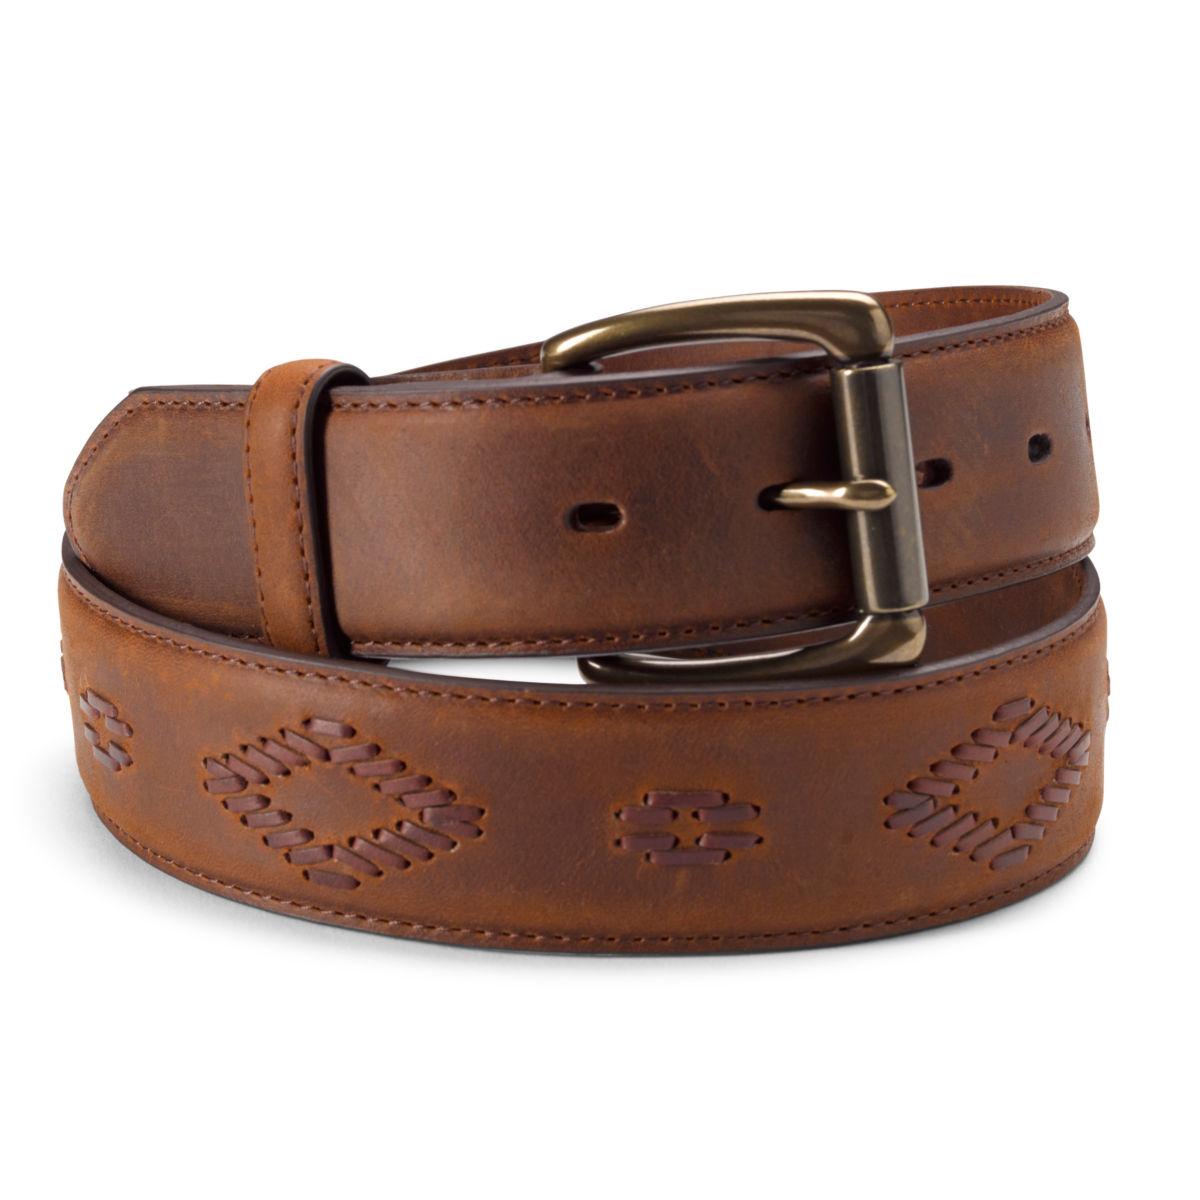 Diamond Cord Leather Belt - TANimage number 0